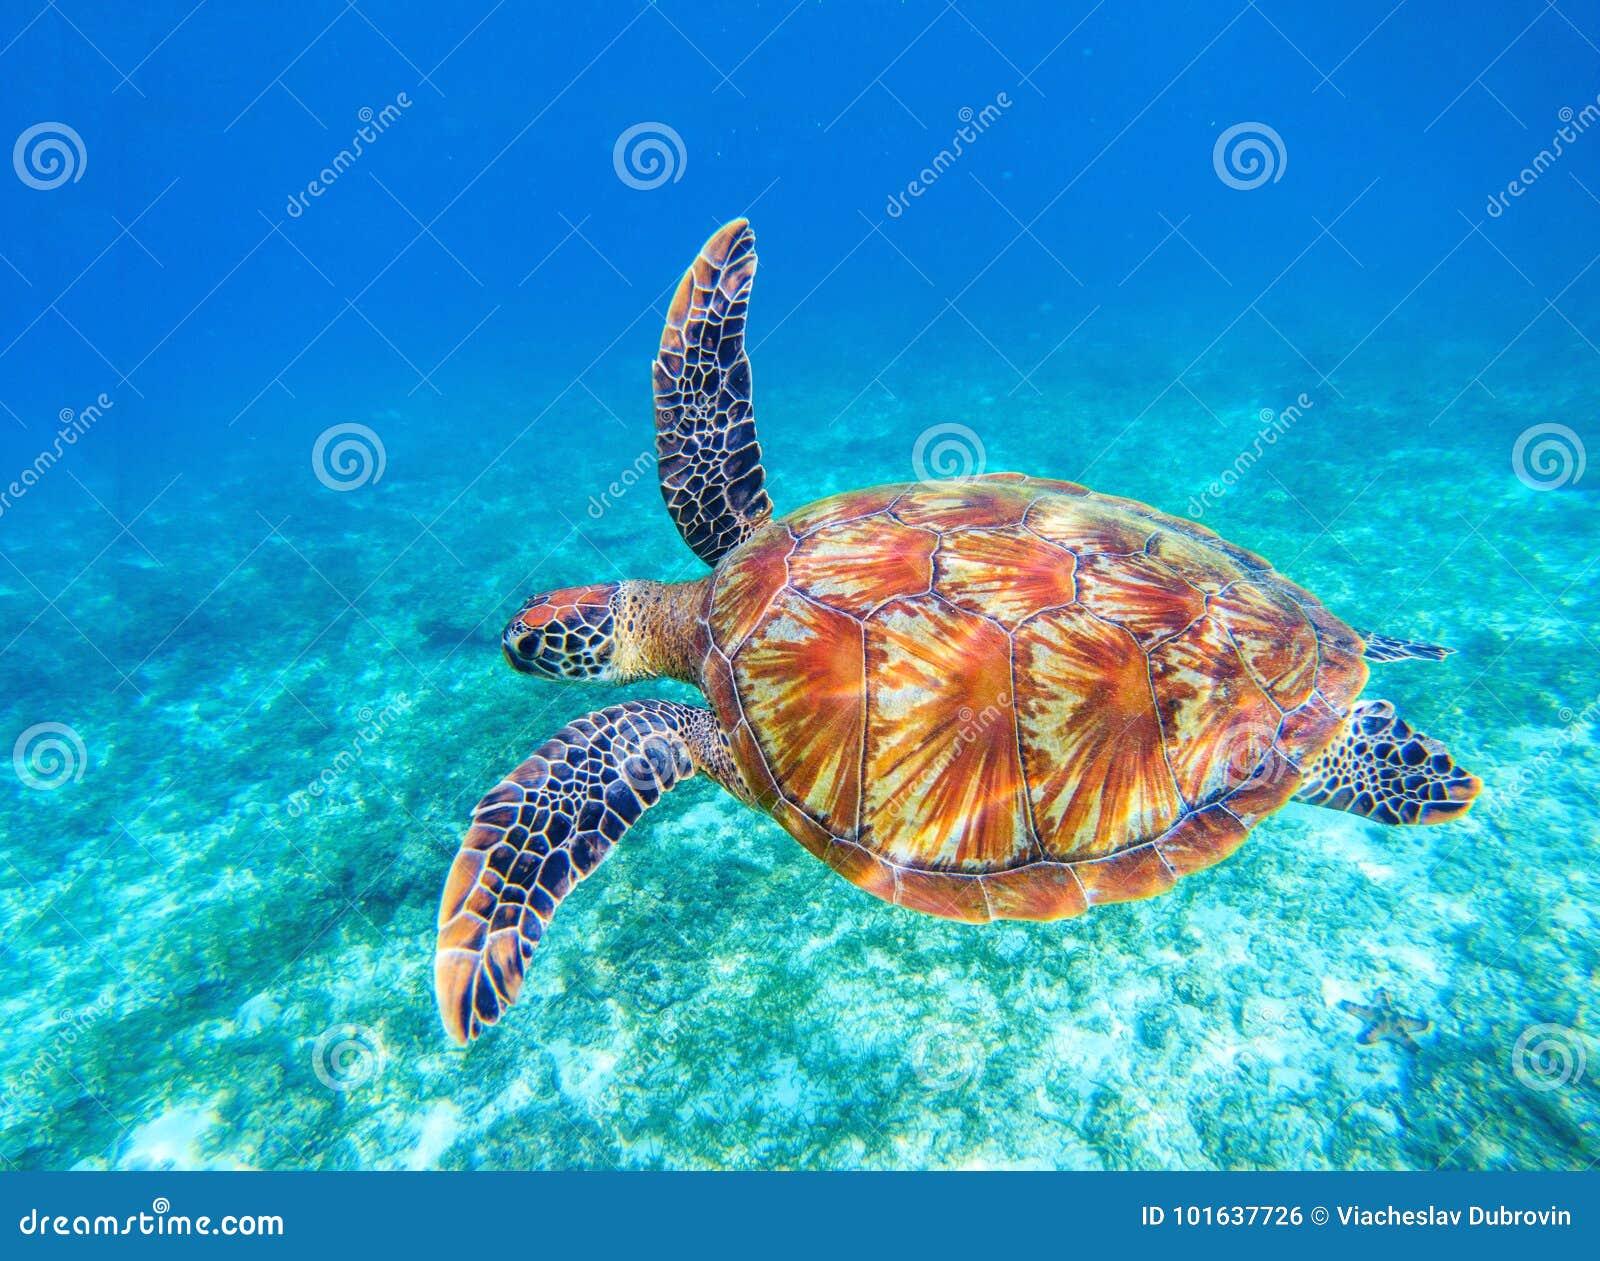 Sea turtle swims in sea water. Big green sea turtle closeup. Wildlife of tropical coral reef.